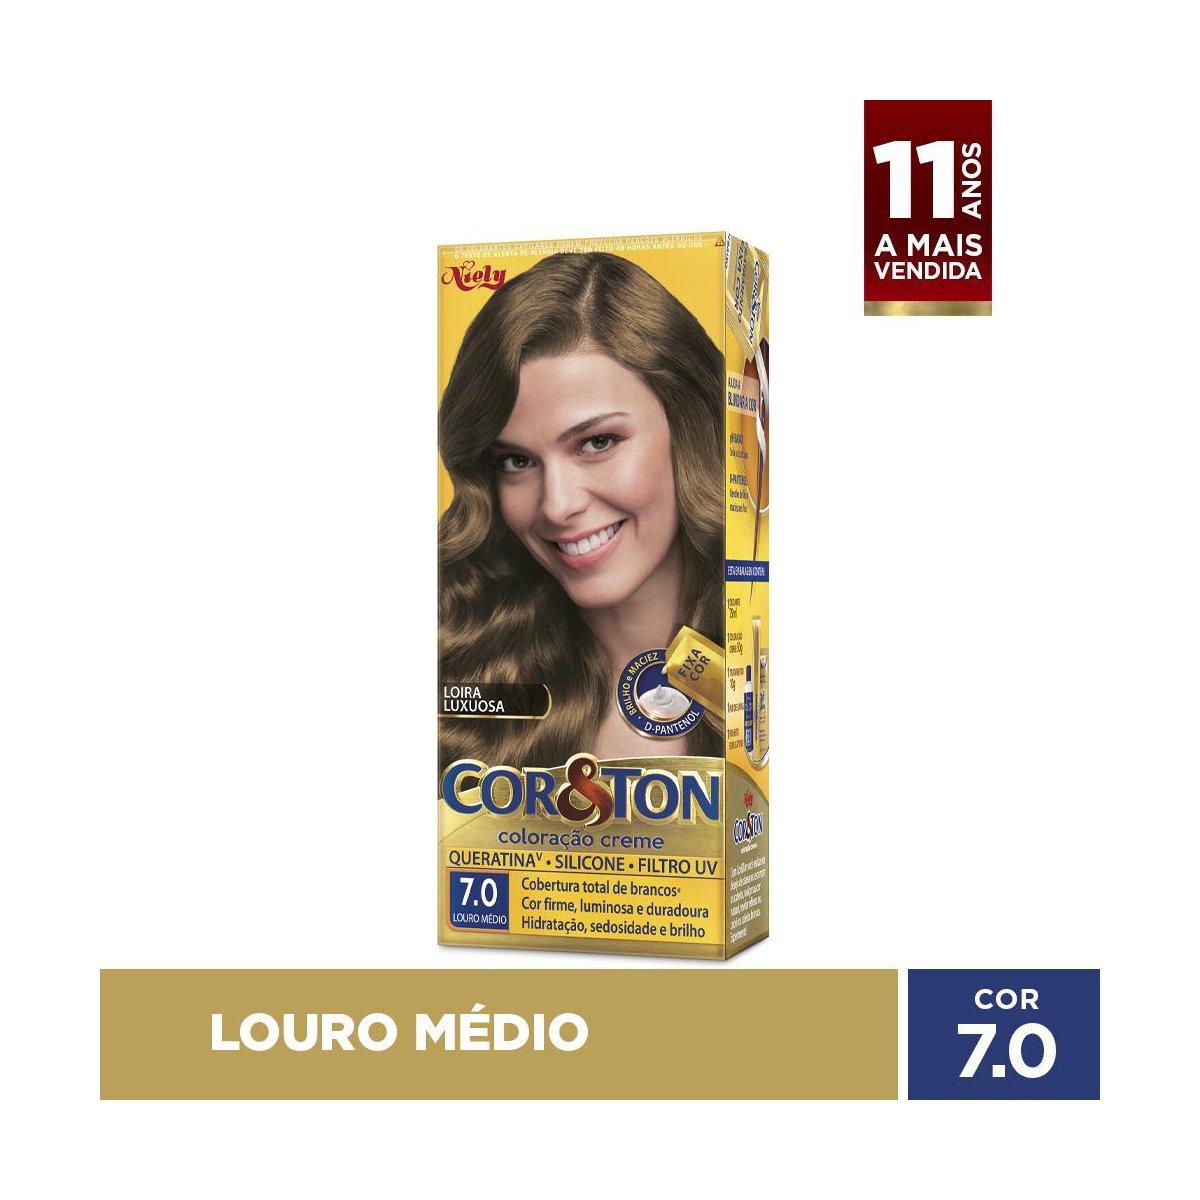 Niely Coloração Cor&Ton 7.0 Louro Médio 180g